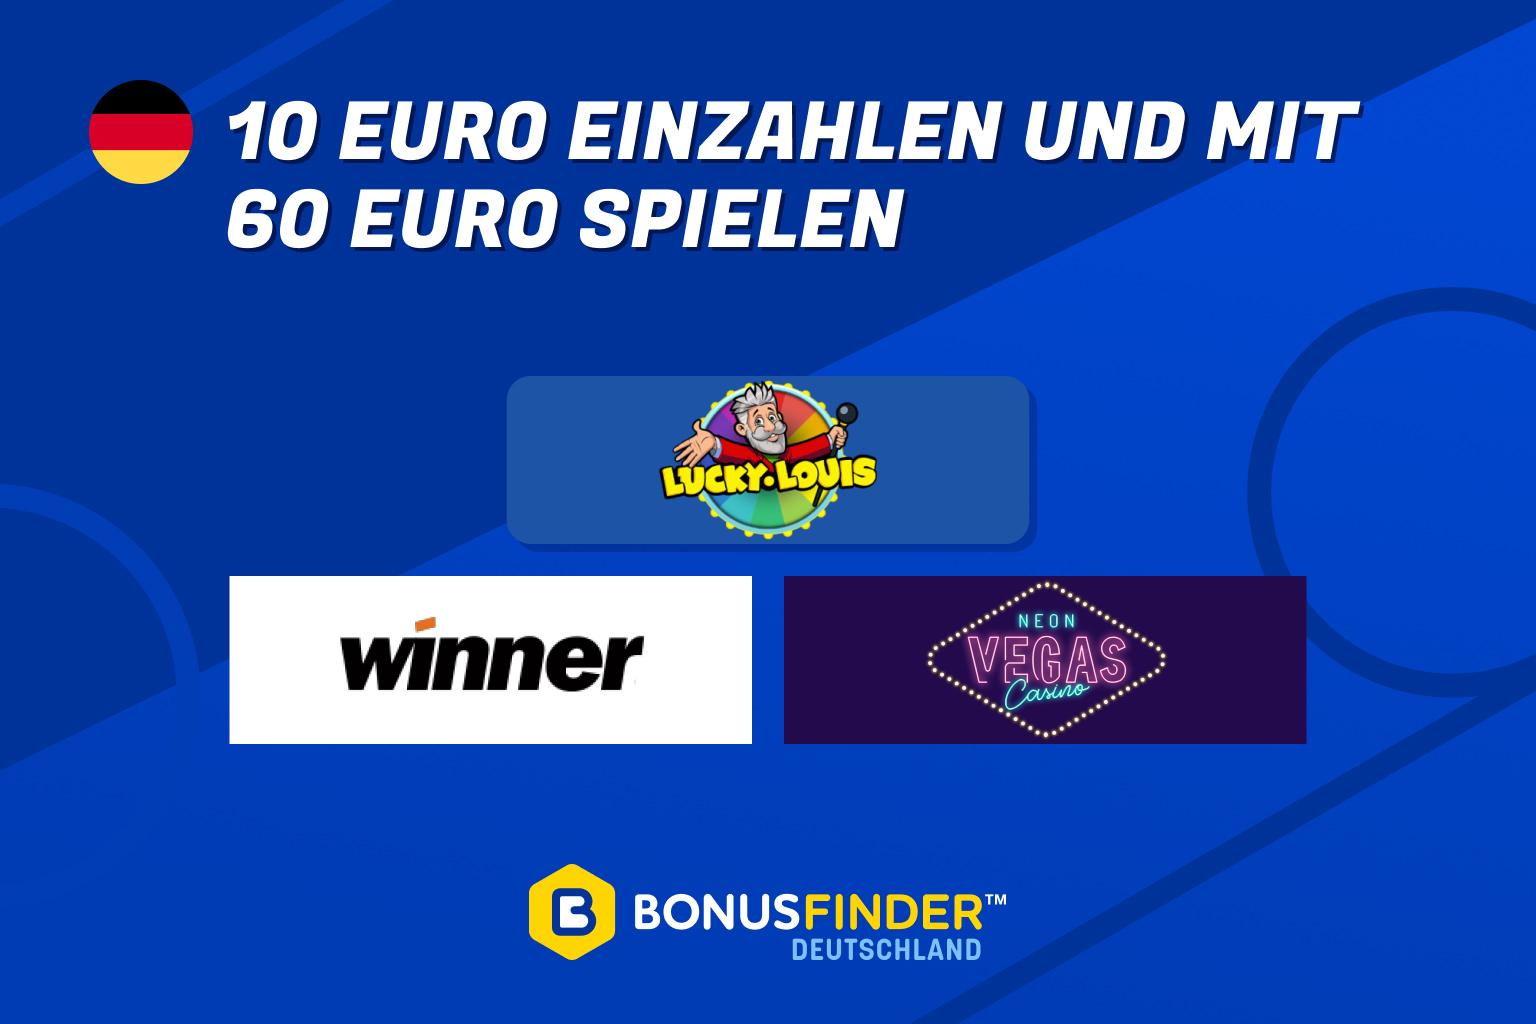 10 euro einzahlen 50 euro spielen